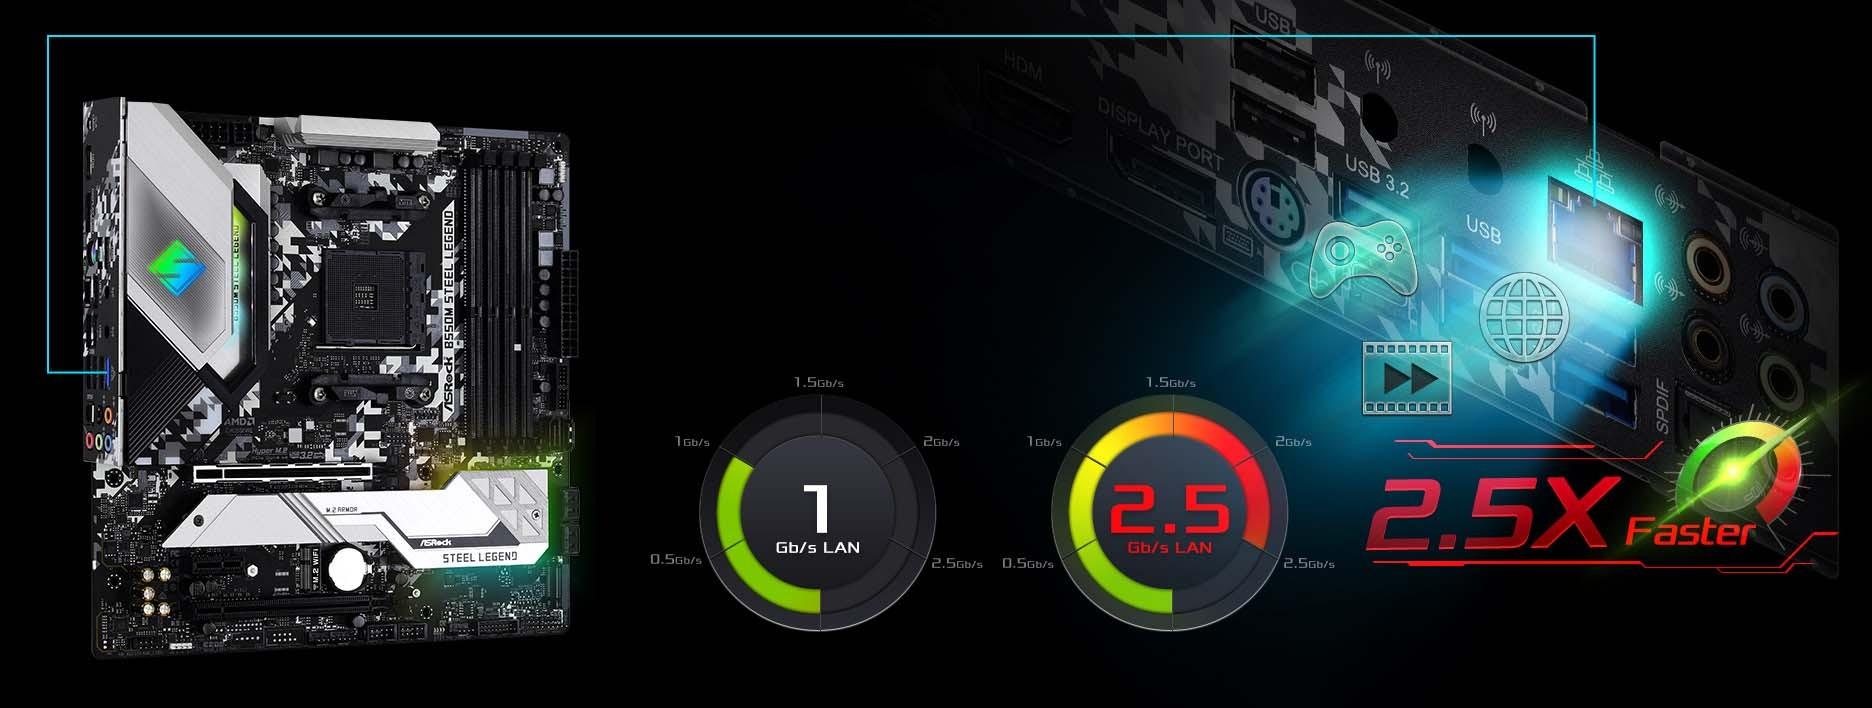 LAN thông minh Dragon 2.5Gb/s